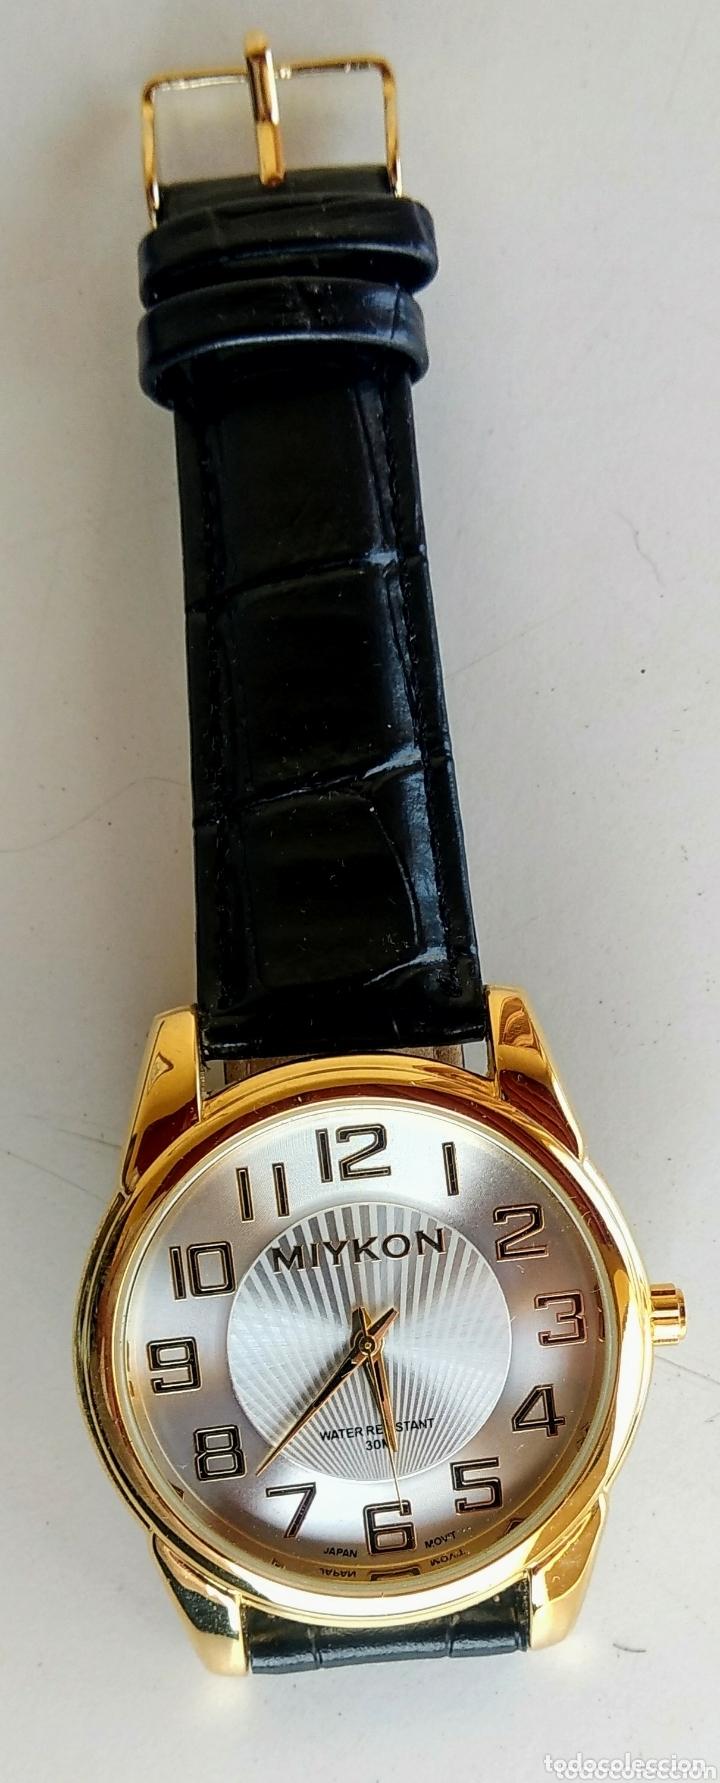 Relojes: Reloj Miykon. Acero inoxidable. Nuevo. - Foto 2 - 173079798